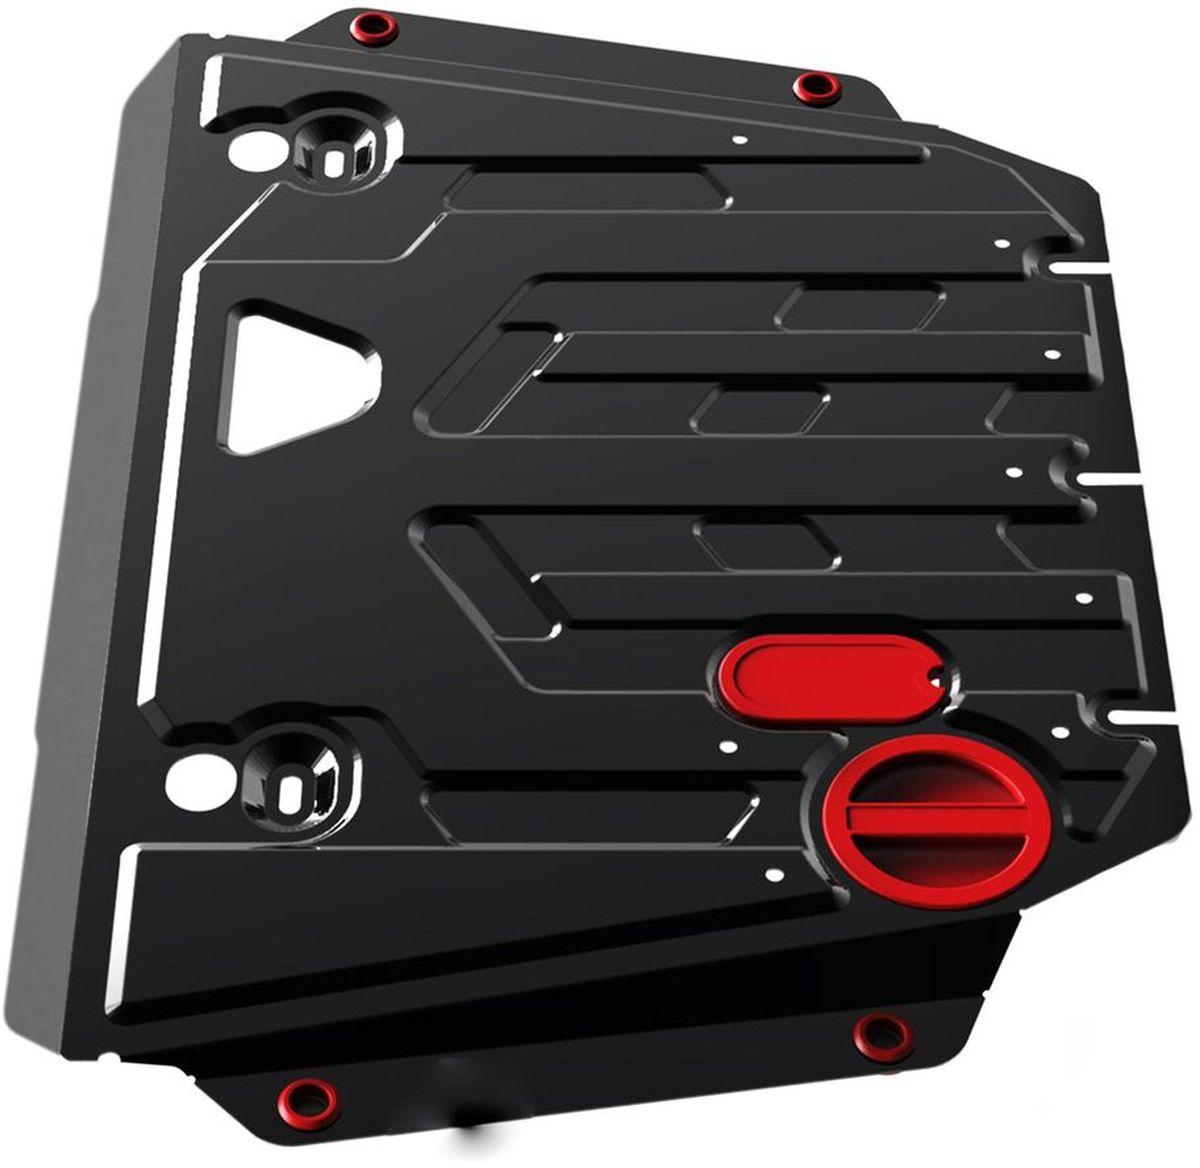 Защита картера и КПП Автоброня Kia Optima 2016-, сталь 2 мм111.02837.1Защита картера и КПП Автоброня Kia Optima, V - 2,0(150hp); 2,4GDI(188hp) ; 2,0T-GDI(245hp) 2016-, сталь 2 мм, комплект крепежа, 111.02837.1Стальные защиты Автоброня надежно защищают ваш автомобиль от повреждений при наезде на бордюры, выступающие канализационные люки, кромки поврежденного асфальта или при ремонте дорог, не говоря уже о загородных дорогах.- Имеют оптимальное соотношение цена-качество.- Спроектированы с учетом особенностей автомобиля, что делает установку удобной.- Защита устанавливается в штатные места кузова автомобиля.- Является надежной защитой для важных элементов на протяжении долгих лет.- Глубокий штамп дополнительно усиливает конструкцию защиты.- Подштамповка в местах крепления защищает крепеж от срезания.- Технологические отверстия там, где они необходимы для смены масла и слива воды, оборудованные заглушками, закрепленными на защите.Толщина стали 2 мм.В комплекте крепеж и инструкция по установке.Уважаемые клиенты!Обращаем ваше внимание на тот факт, что защита имеет форму, соответствующую модели данного автомобиля. Наличие глубокого штампа и лючков для смены фильтров/масла предусмотрено не на всех защитах. Фото служит для визуального восприятия товара.